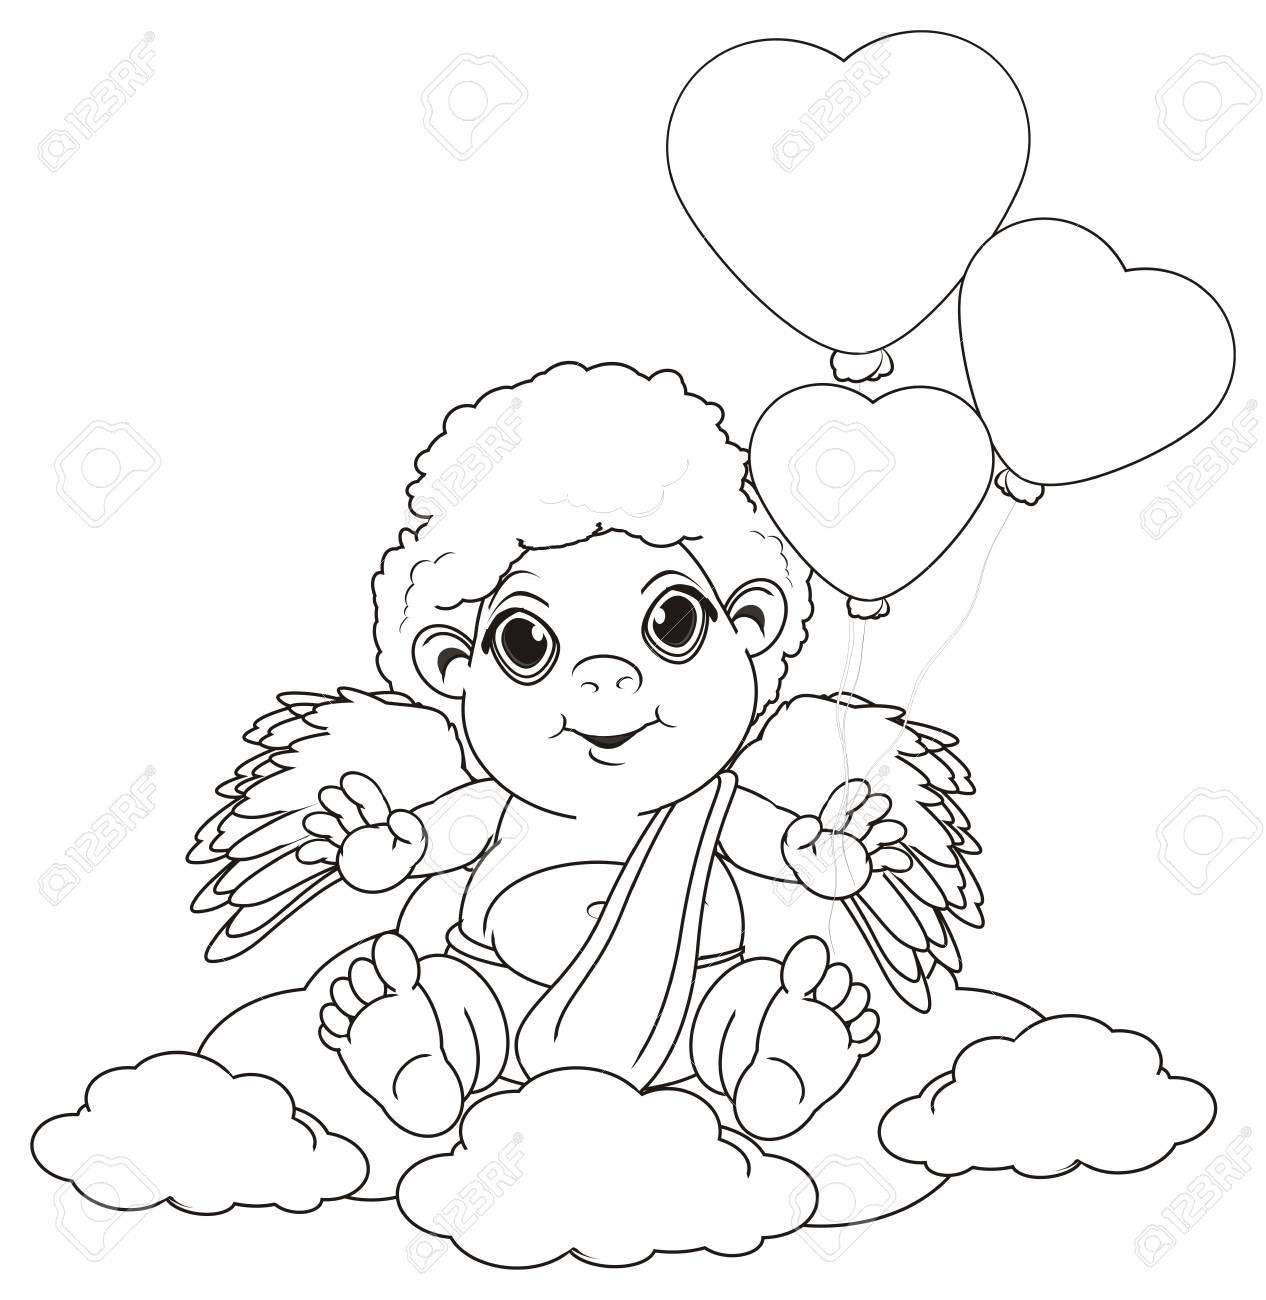 Colorear Cupido Sentarse En Las Nubes Y Sostener Muchos Globos Aerostáticos